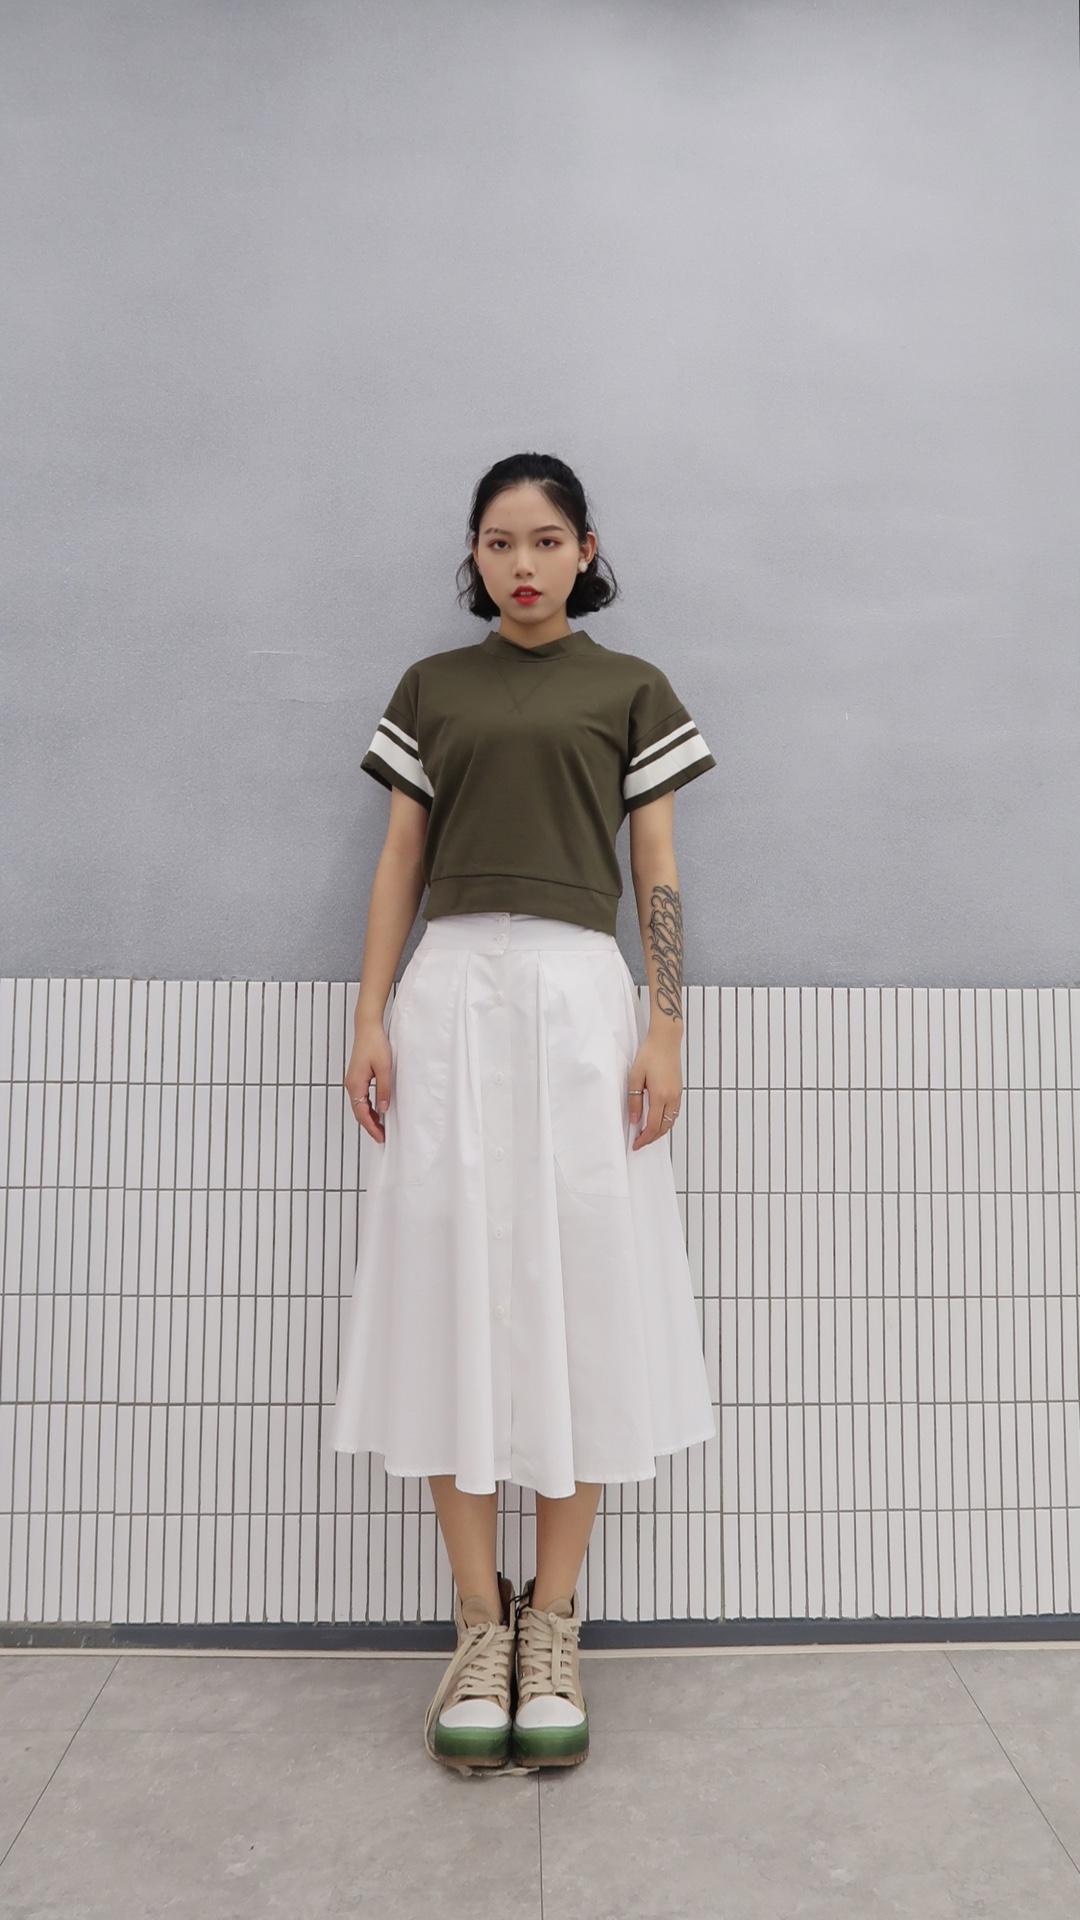 #春天就是仙女绿色专场呀# 紧身高腰墨绿t 白边修饰 短款t给人一种很娇小的感觉 配一条白色半身裙 少女元气感十足 可以去踏青了